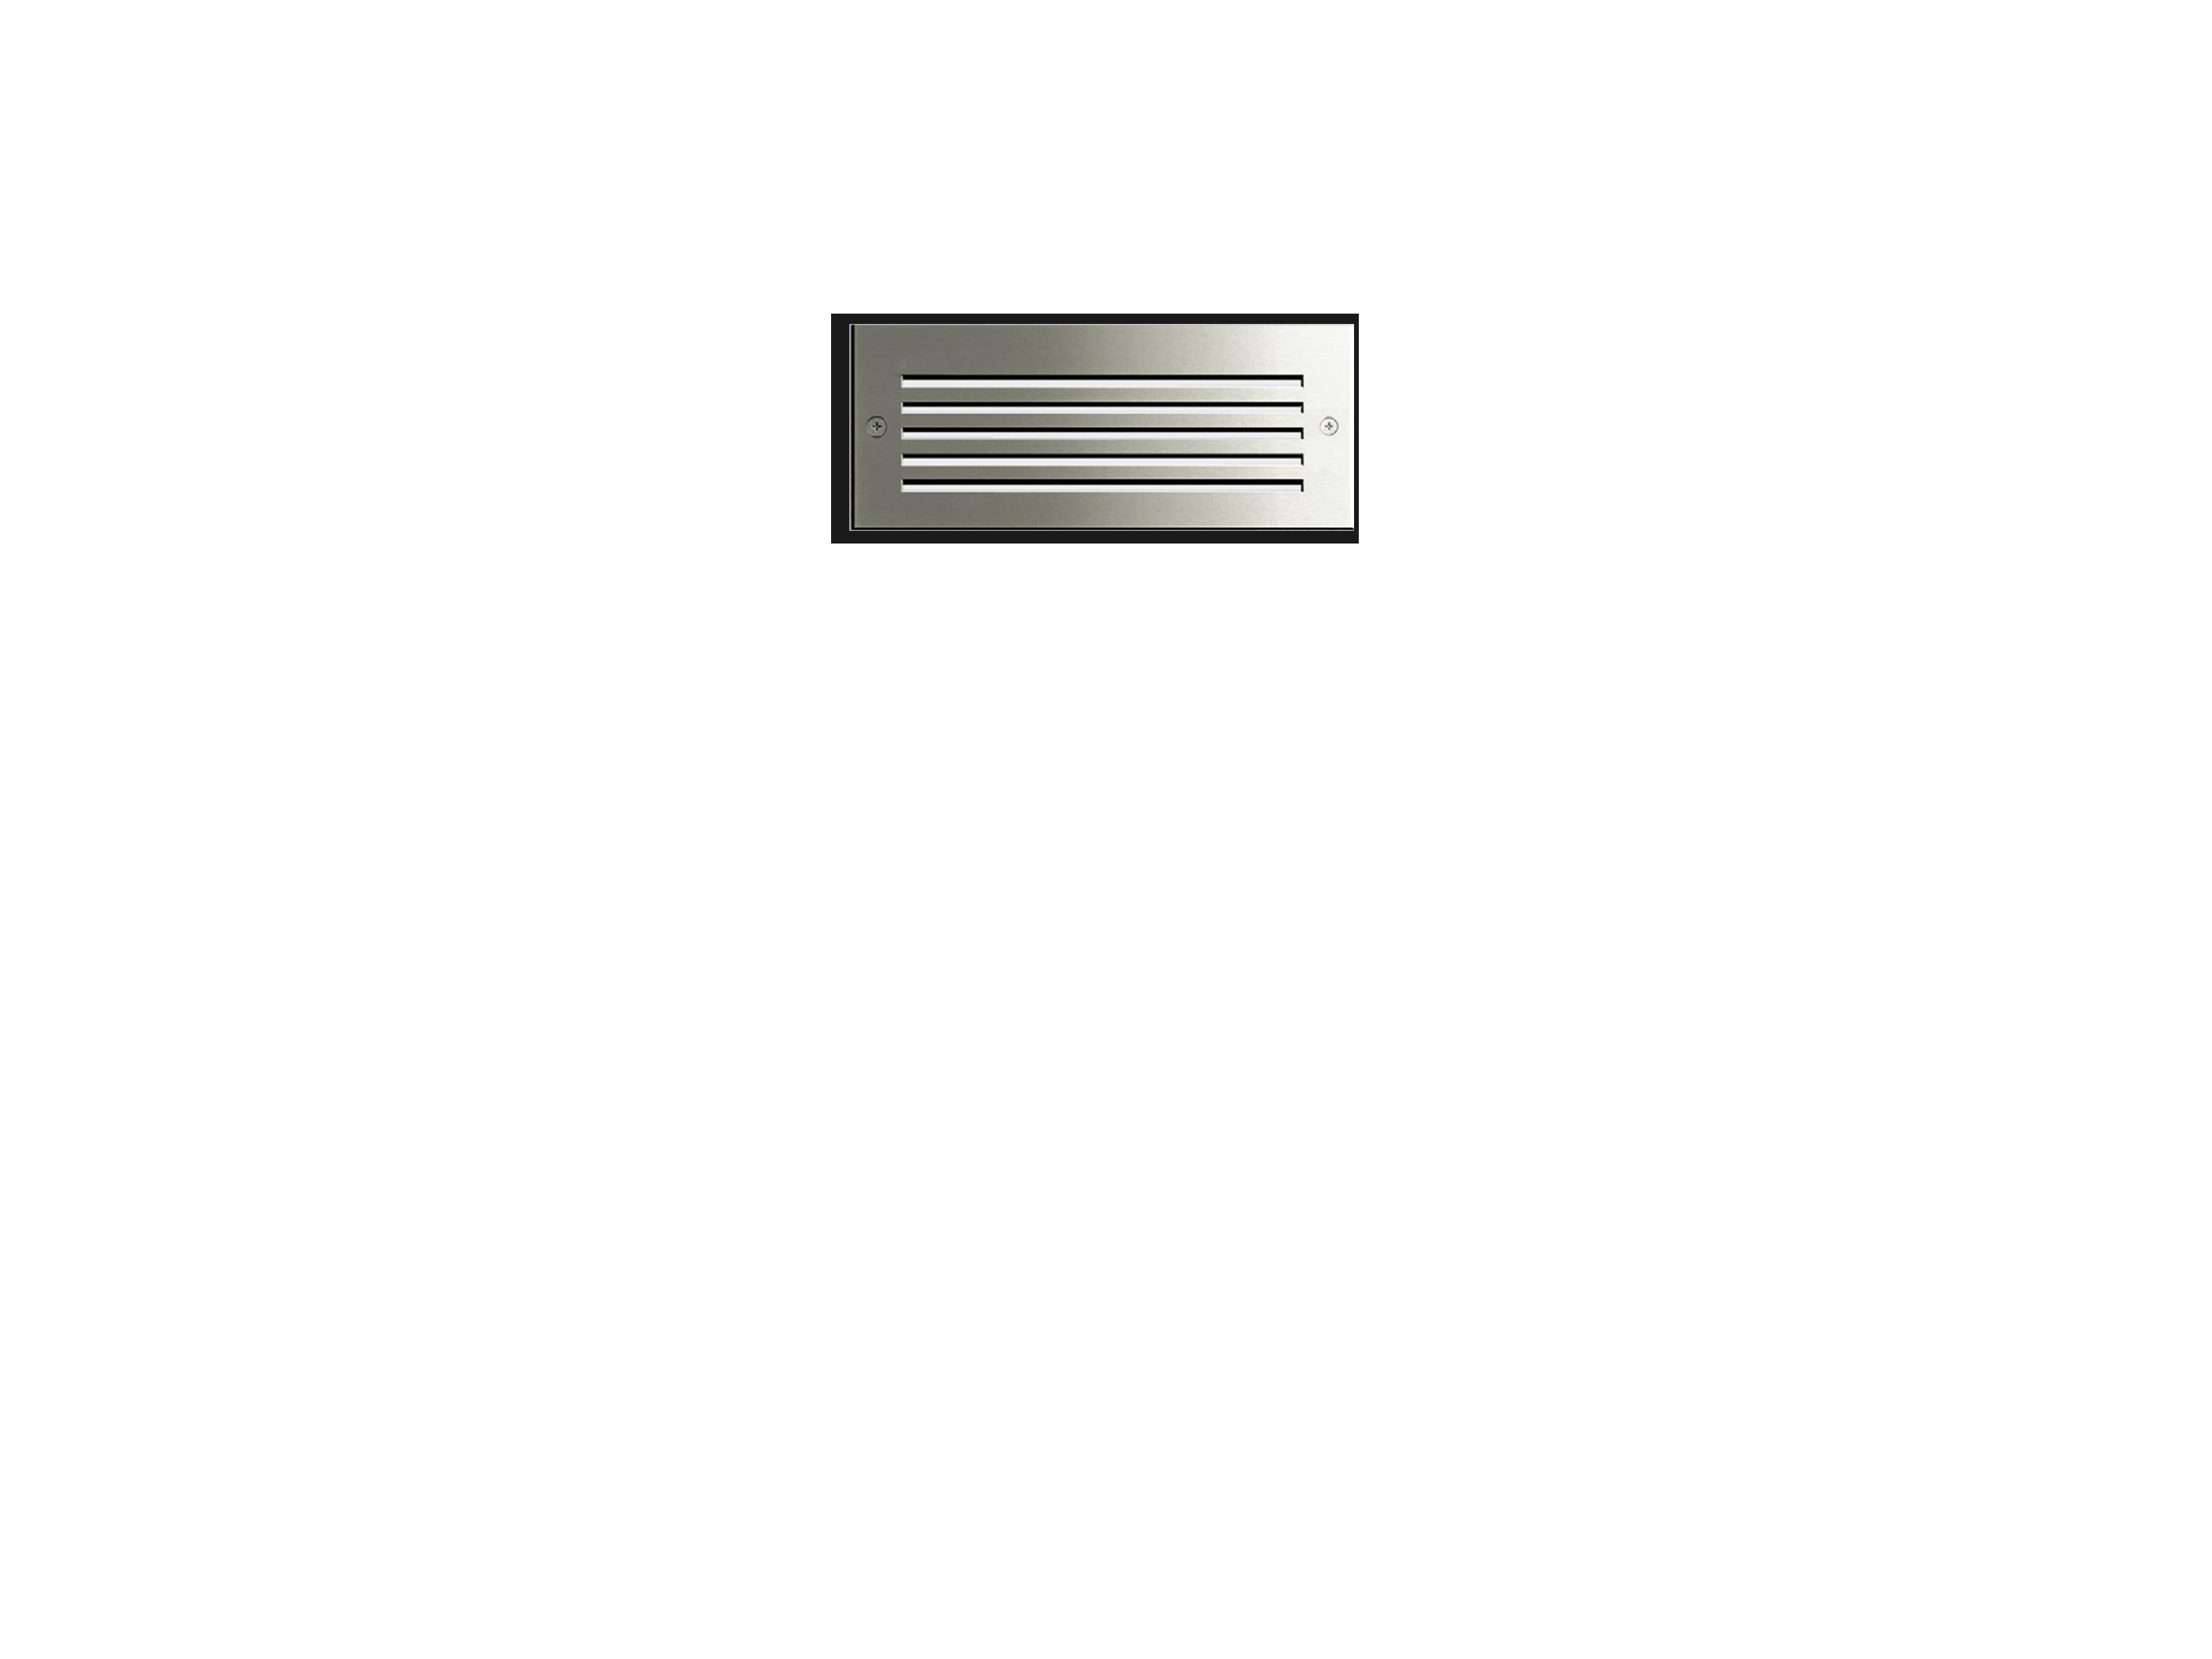 Wandeinbauleuchten - Appliques - Aussenleuchten   Neuco